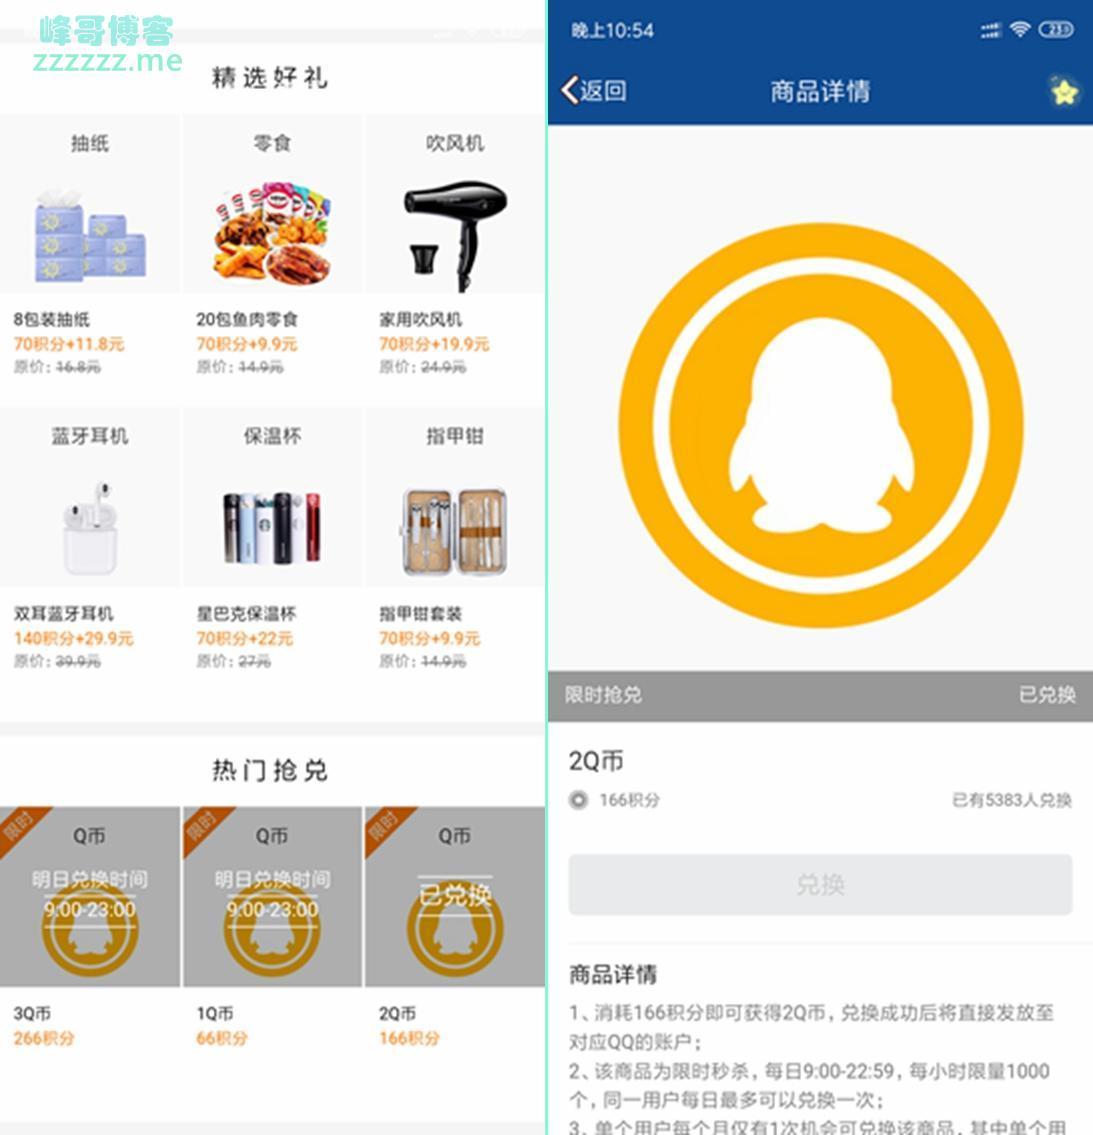 手机QQ钱包积分兑换1~3Q币 每日限量!